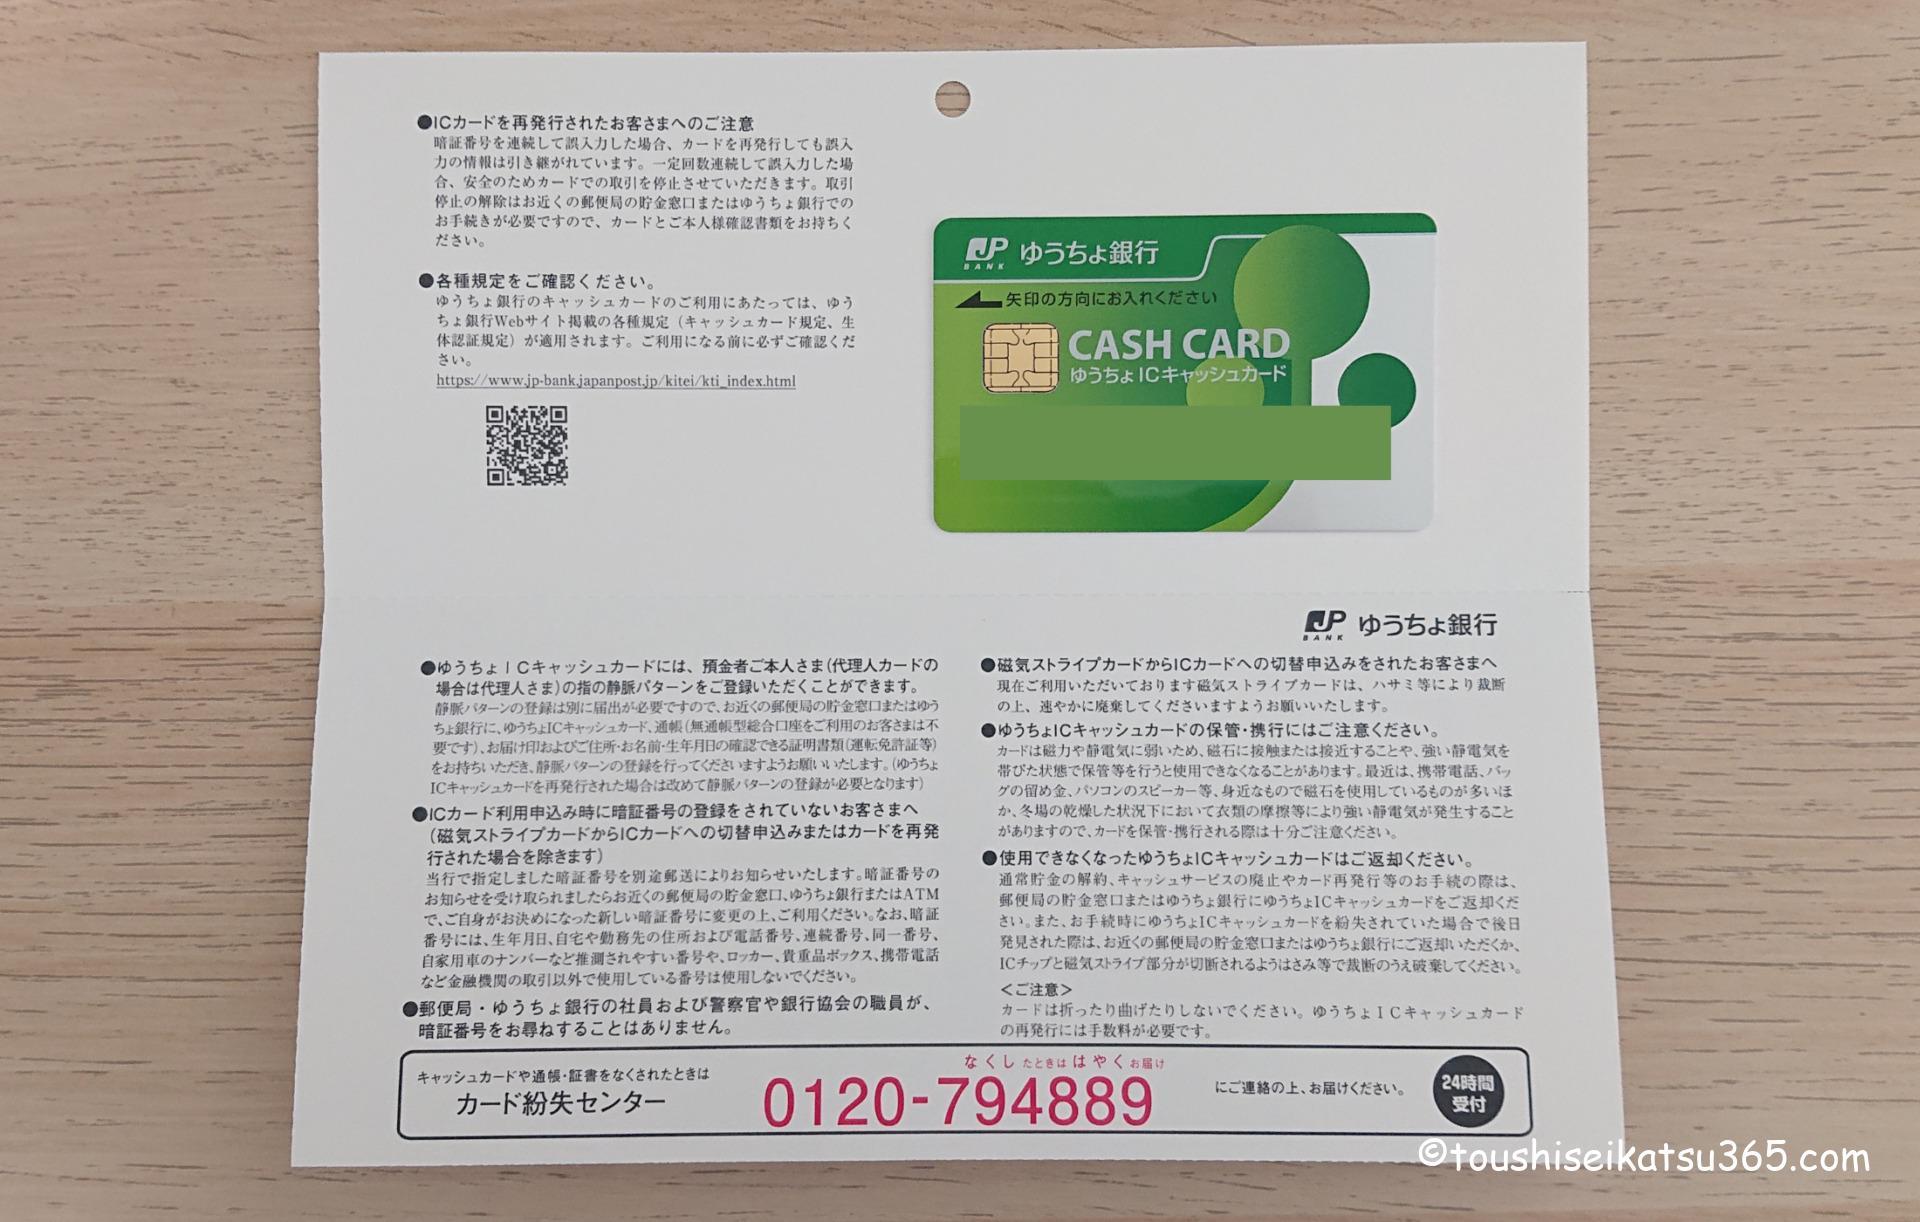 ゆうちょ銀行 キャッシュカード